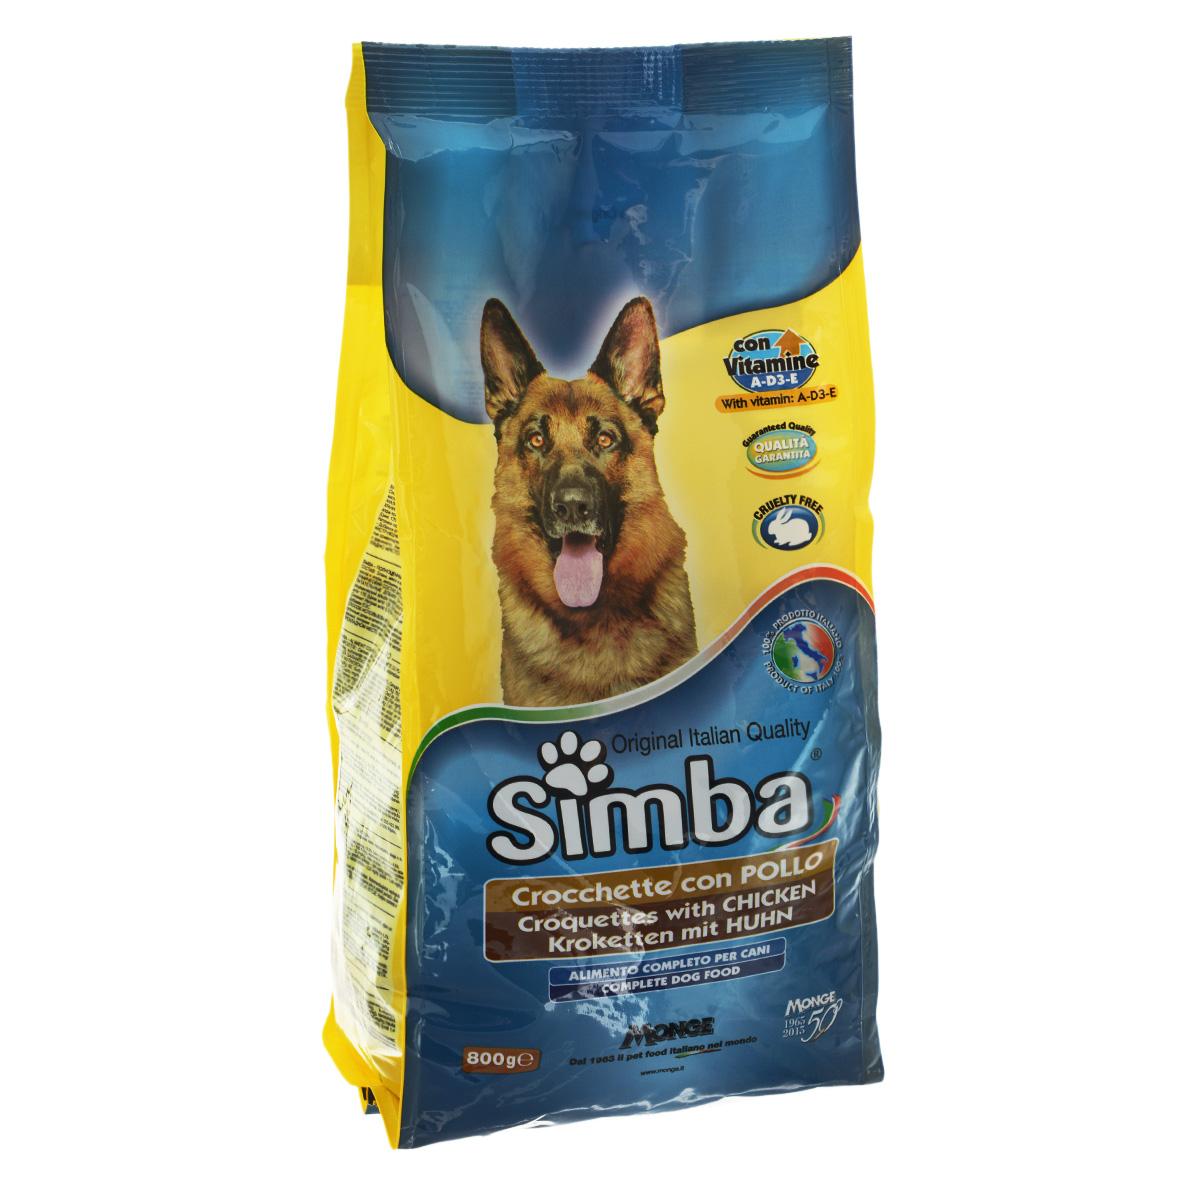 Корм сухой Monge Simba для взрослых собак, с курицей, 800 г70009836Сухой корм Monge Simba - это полноценный корм для собак с витаминами A, D3, E, которые способствуют укреплению здоровья и отличного состояния животных. Оптимальное содержание белка гарантируется наличием куриного мяса.Состав: злаки, мясо и мясопродукты (курица мин. 4,1%), побочные продукты растительного происхождения, масла и жиры, витамины, минеральные вещества. Анализ компонентов: белок 21%, масла и жиры 8%, сырая клетчатка 4,5%, сырая зола 9,5%.Витамины и добавки на 1 кг: витамин А 10000 МЕ, витамин D3 700 МЕ, витамин Е 50 мг, сульфат марганца 80 мг (марганец 25 мг), оксид цинка 170 мг (цинк 120 мг), сульфат меди 40 мг (медь 10 мг), сульфат железа 290 мг (железо 87 мг), селенит натрия 0,39 мг (селен 0,17 мг), йодат кальция 2,20 мг (йод 1,40 мг), антиоксиданты ЕЭС.Товар сертифицирован.